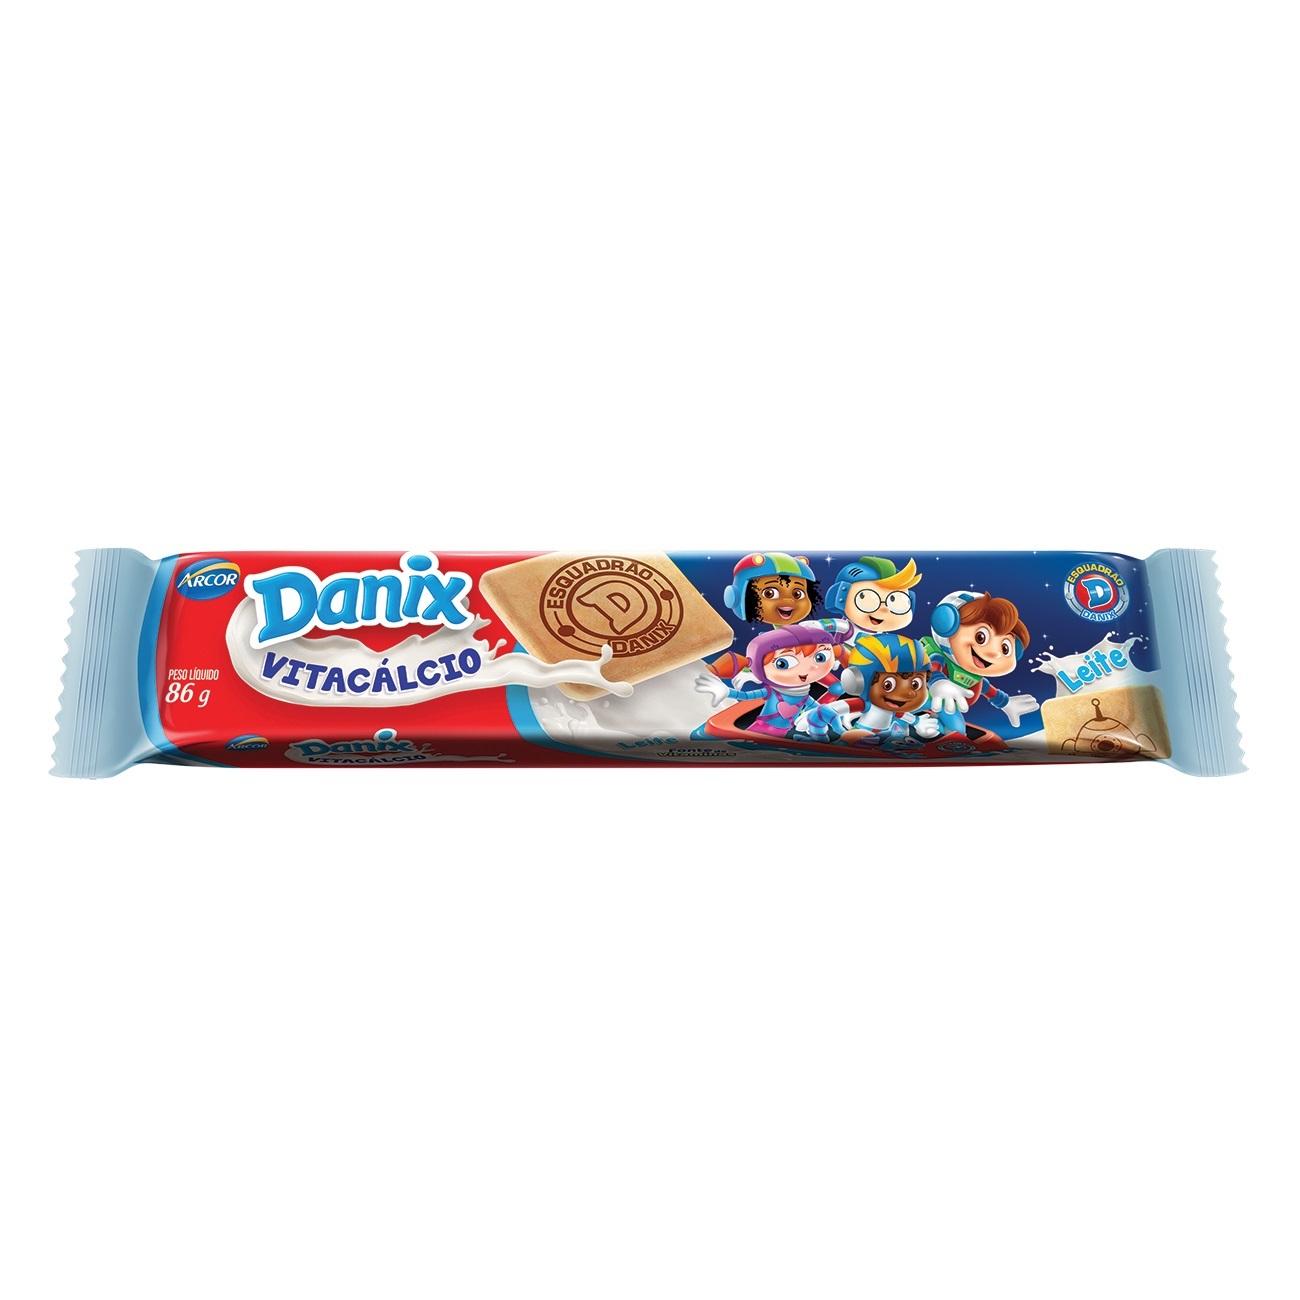 Biscoito de Leite Danix Leite Patrulha Canina 86g